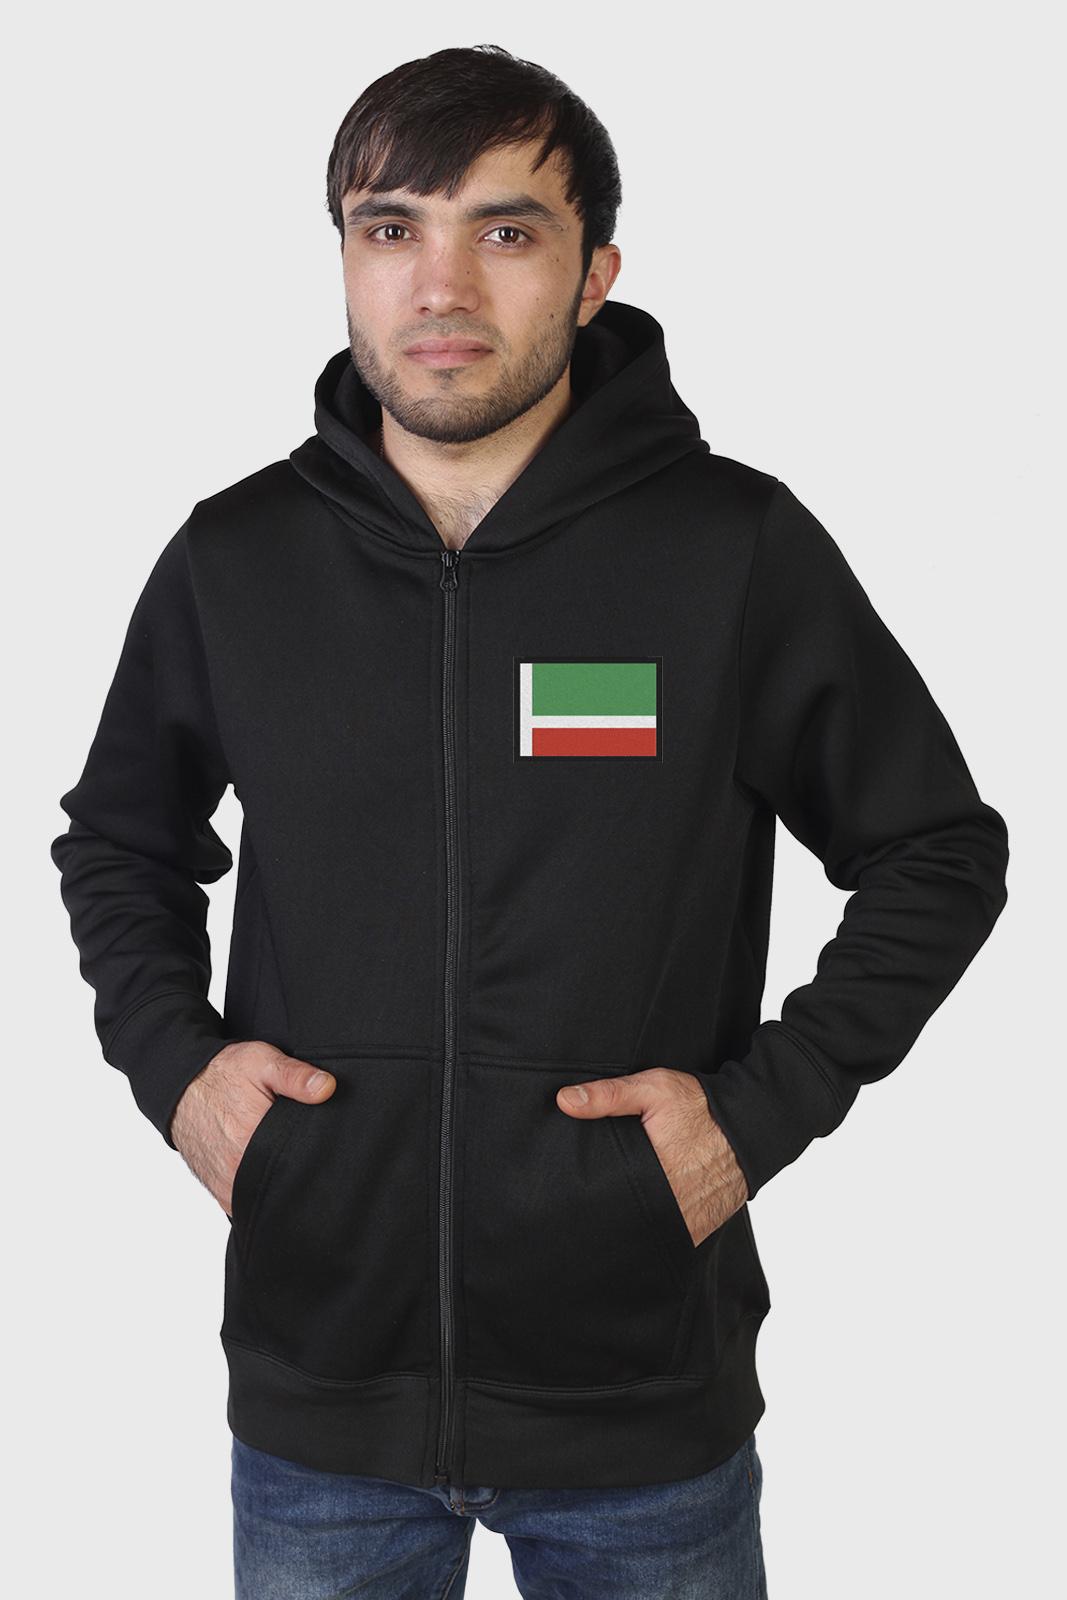 Однотонная толстовка с флагом Чечни